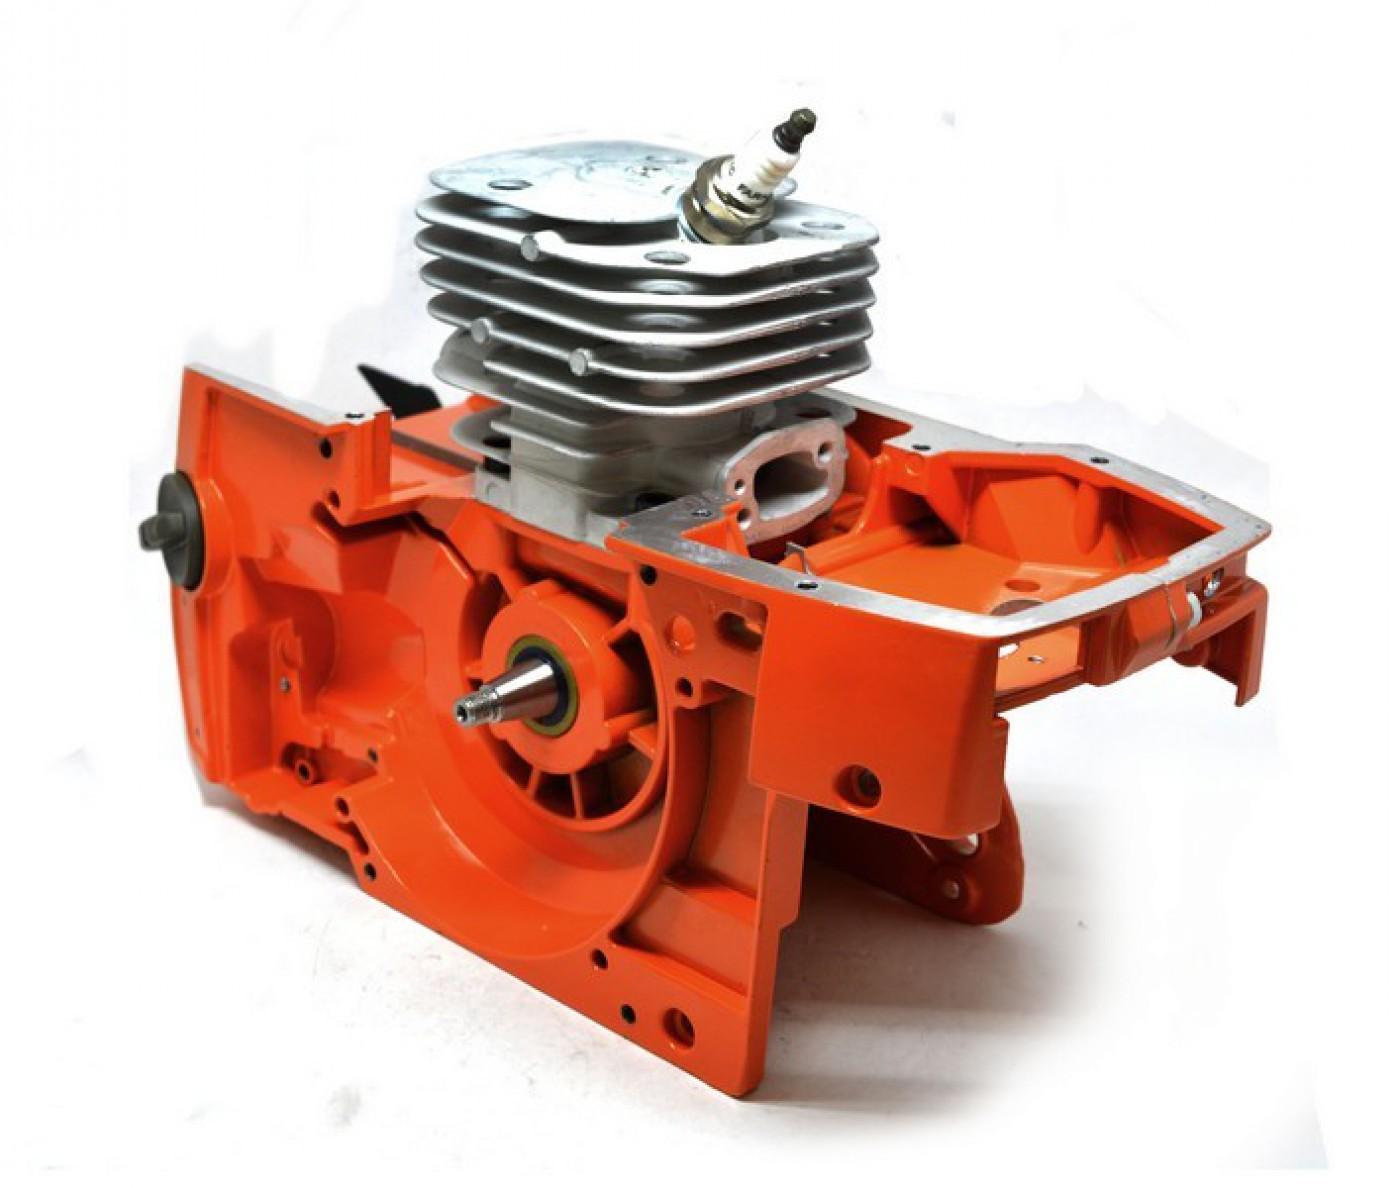 Motor Husqvarna 268,272 + kliková skříň SUPER AKCE sleva 1800 Kč